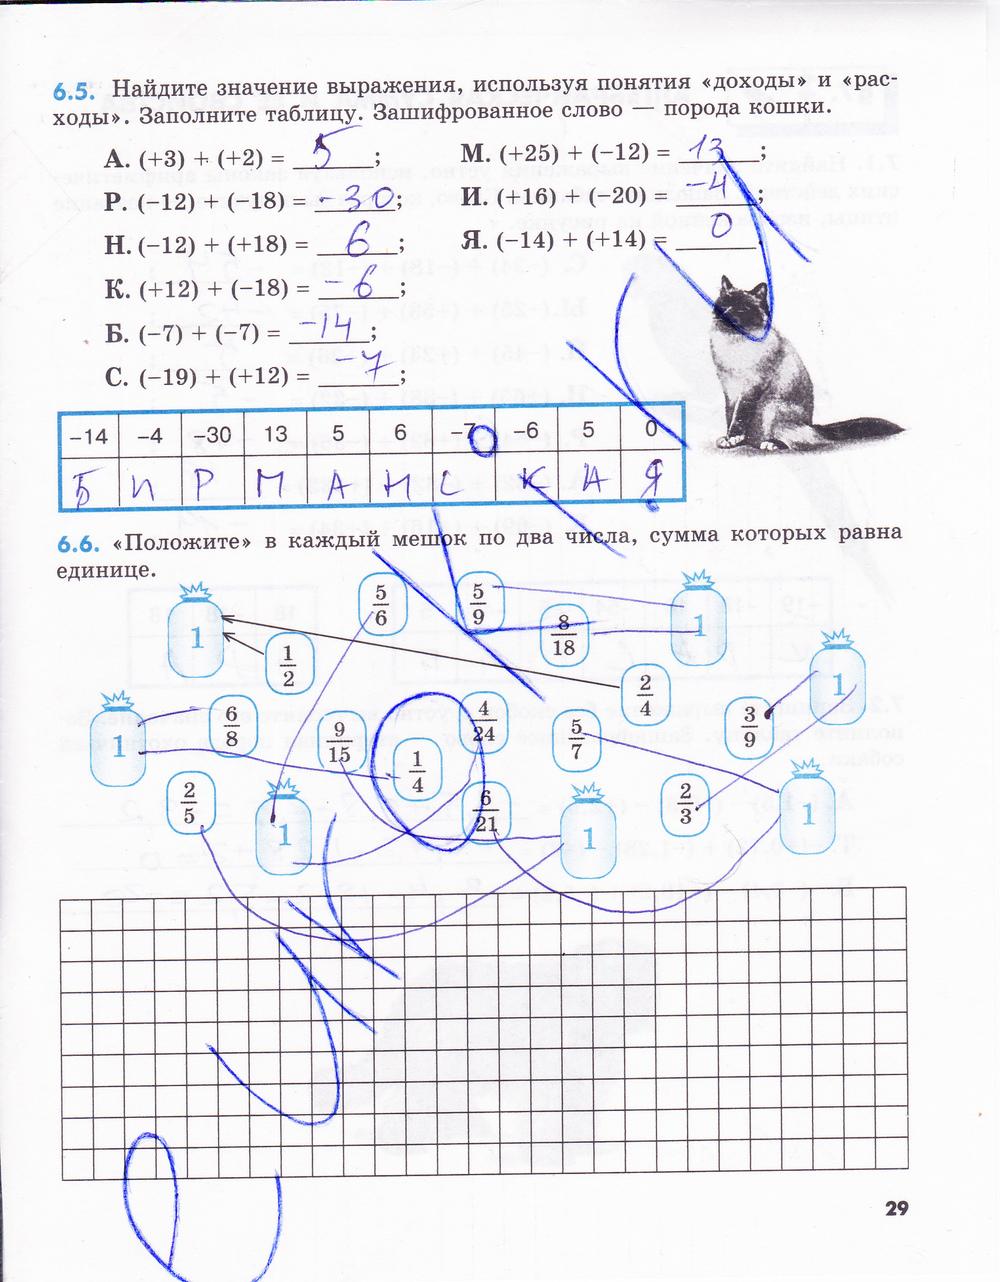 Гдз рабочая тетрадь номер 2 по математике 6 класс зубарева